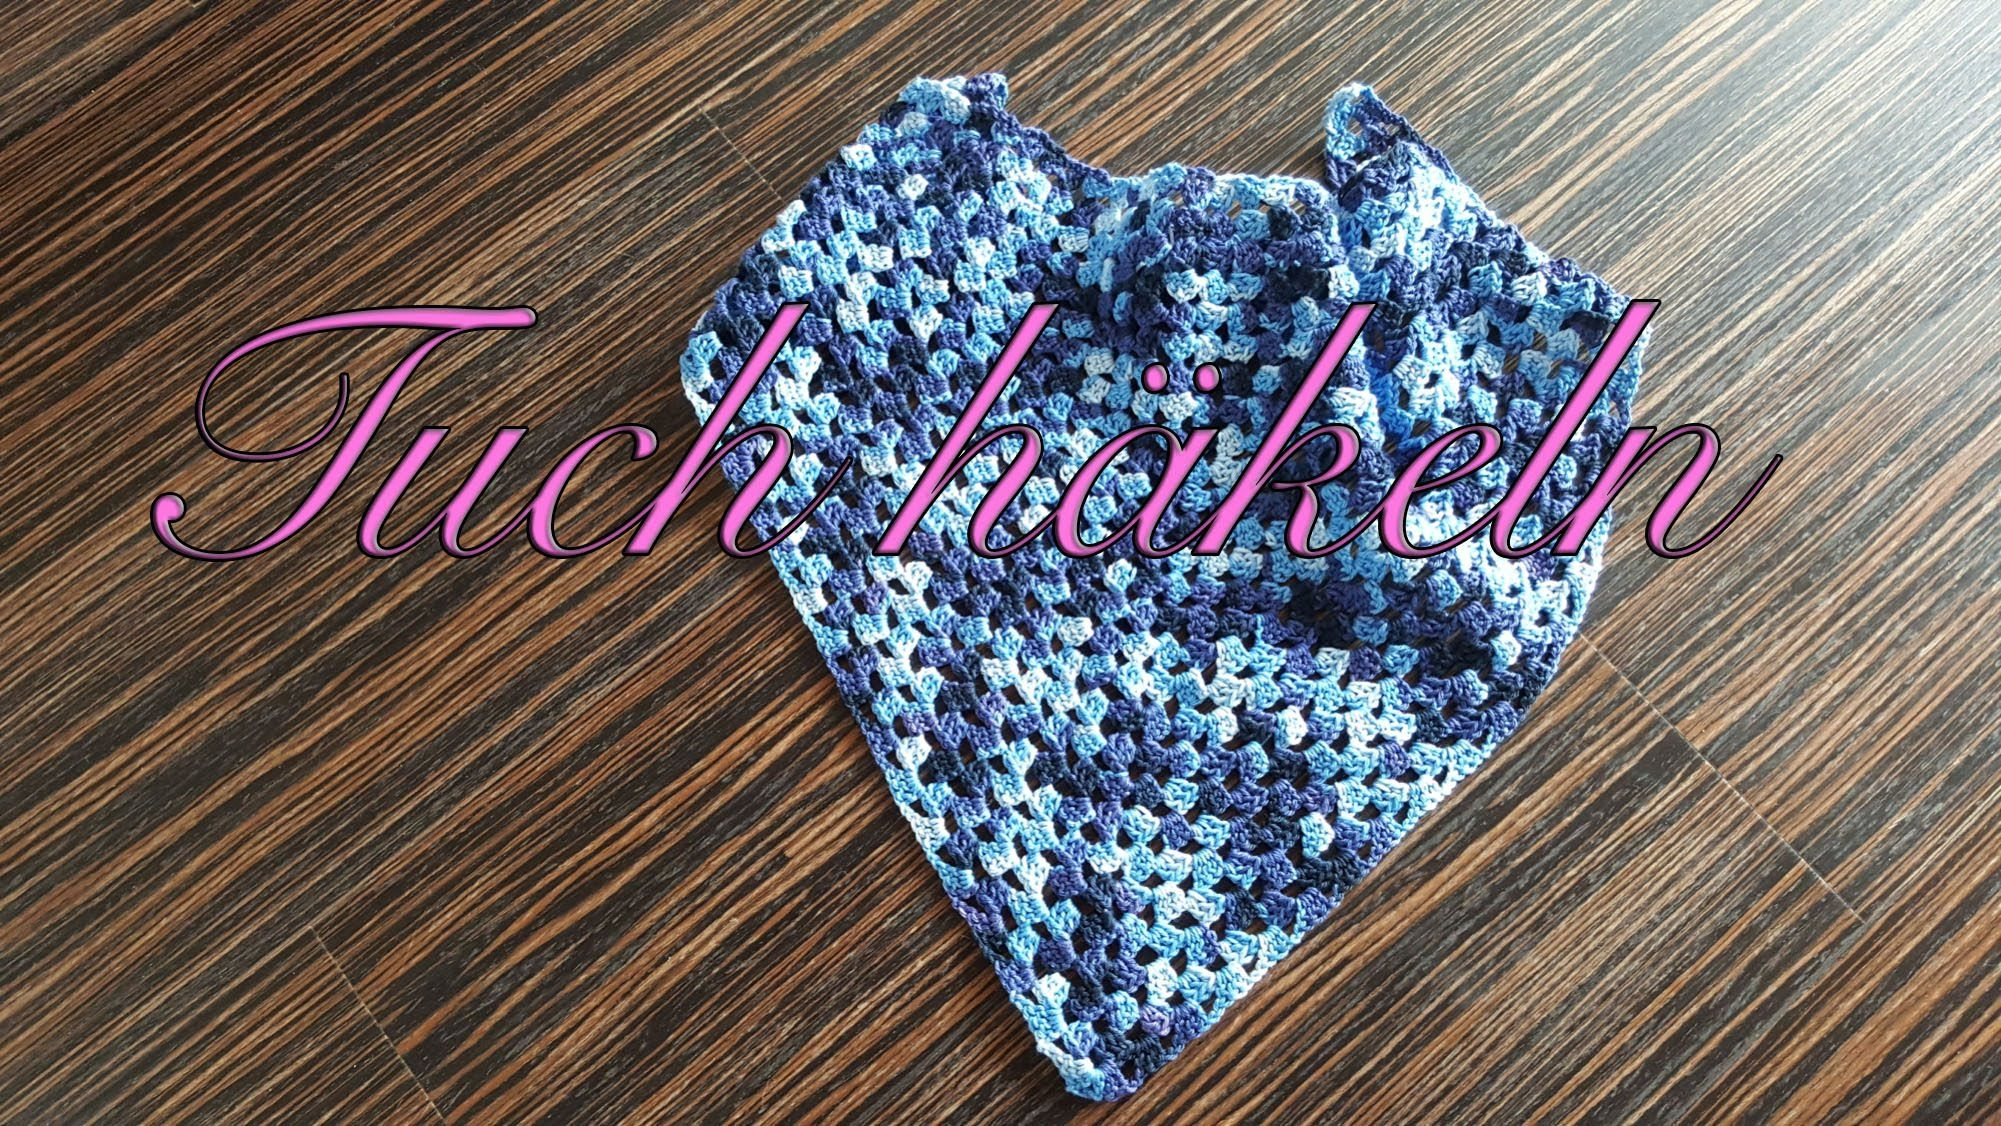 Tuch Häkeln Dreieckstuch Häkeln Häkeltuch Crochet Video Tutorial